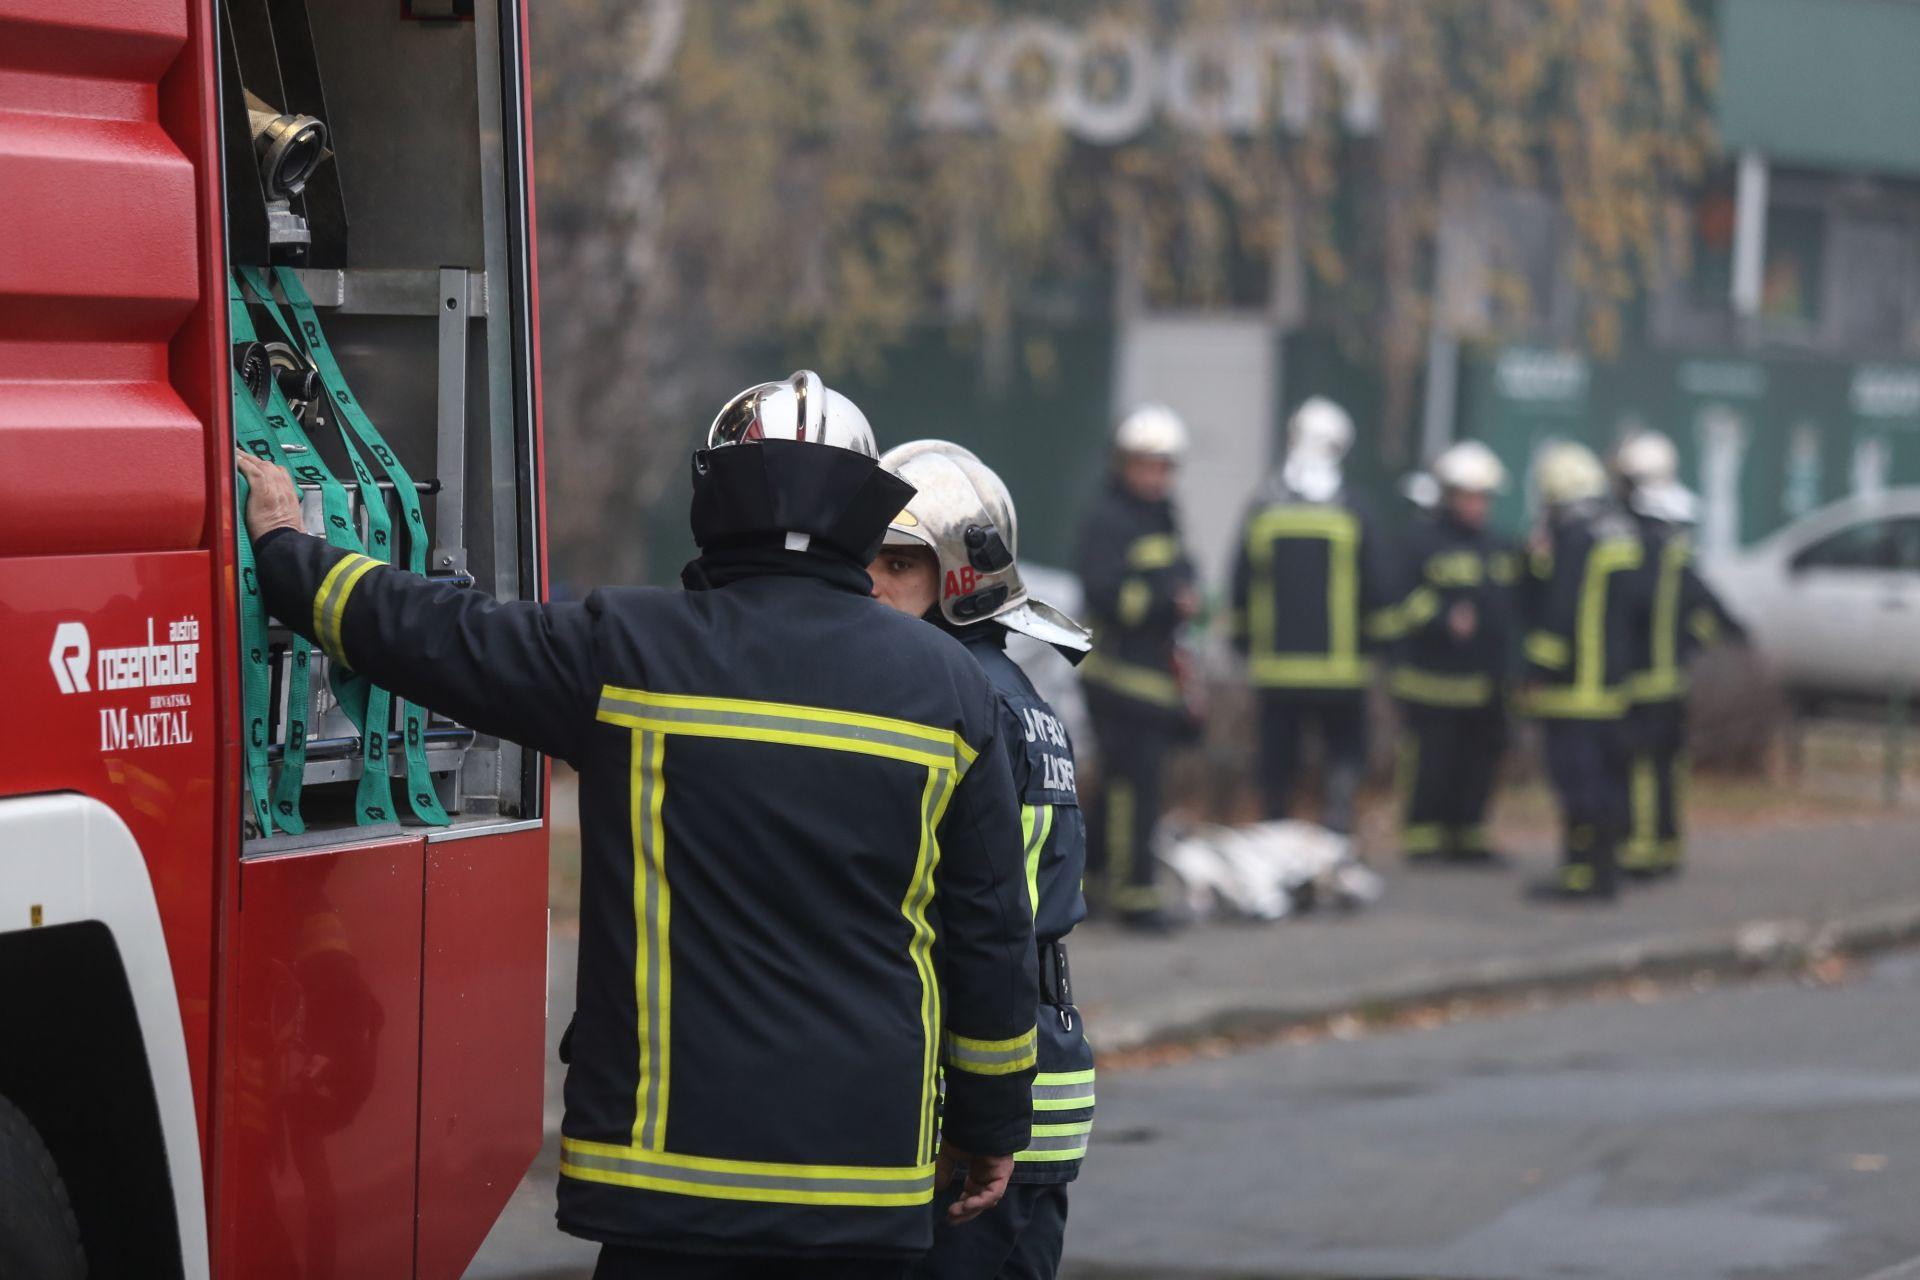 POŽAR U NOVOM ZAGREBU: Tri osobe ozlijeđene, policija traga za sumnjivcima